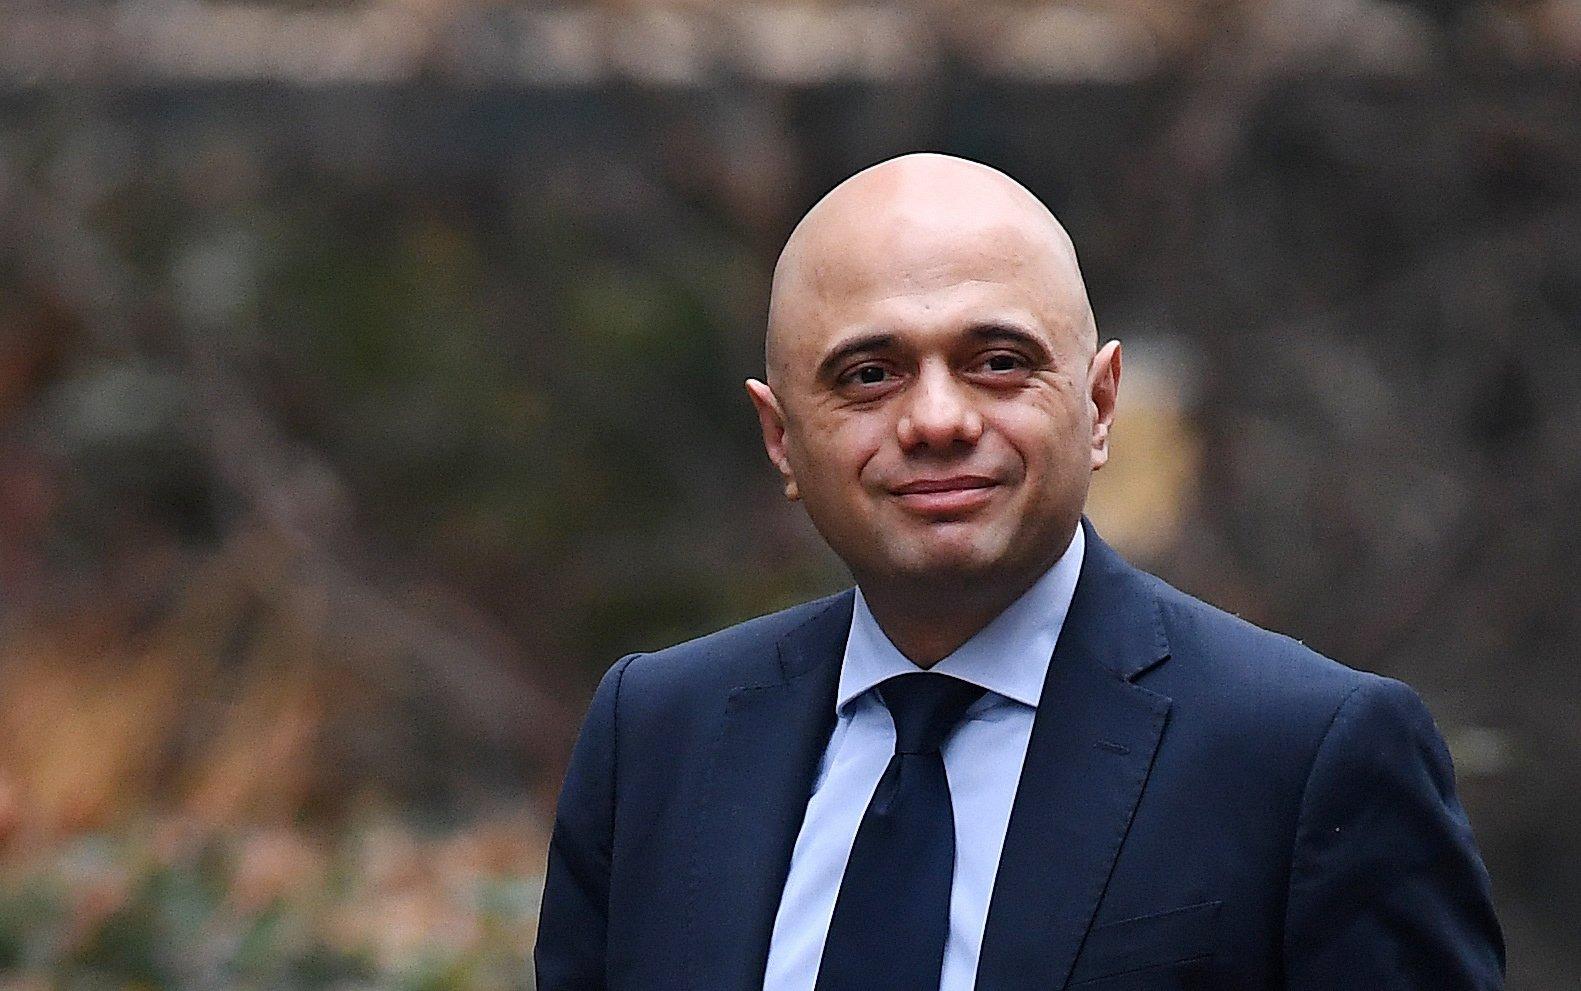 British Home Secretary Sajid Javid